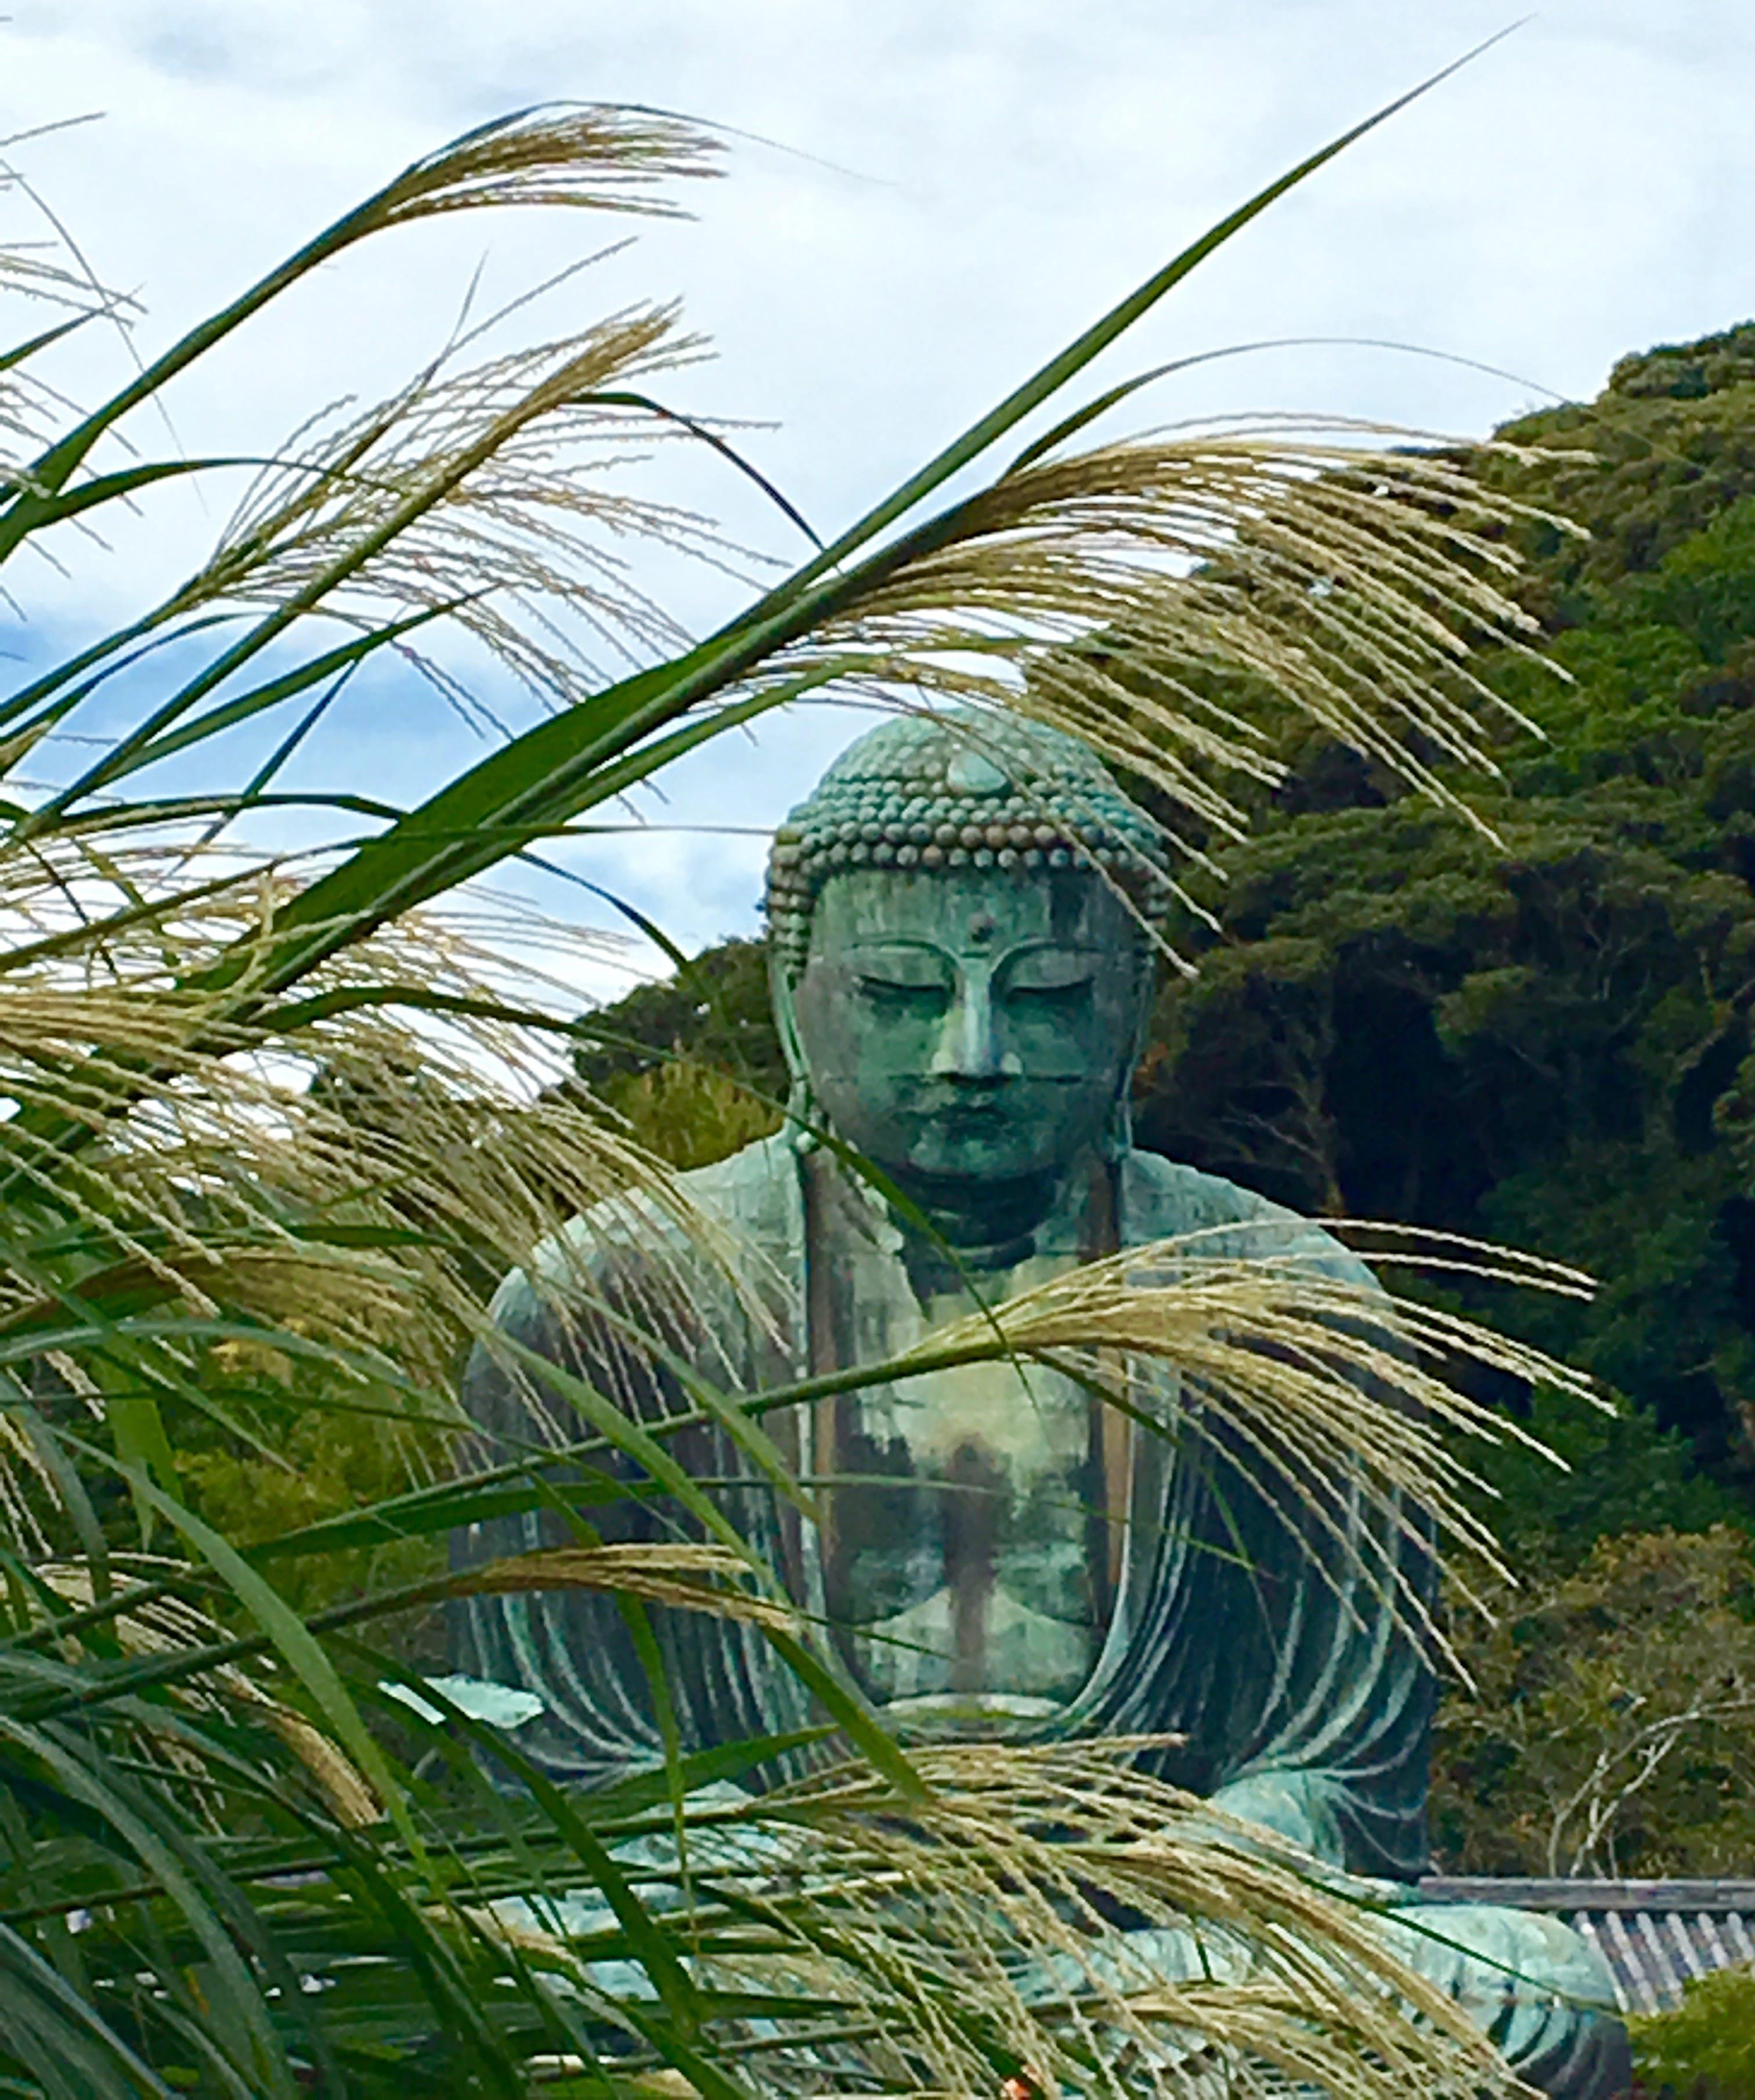 Δωρεάν στοκ φωτογραφιών με dai bhuttsu, kamakura, susuki, Βούδας